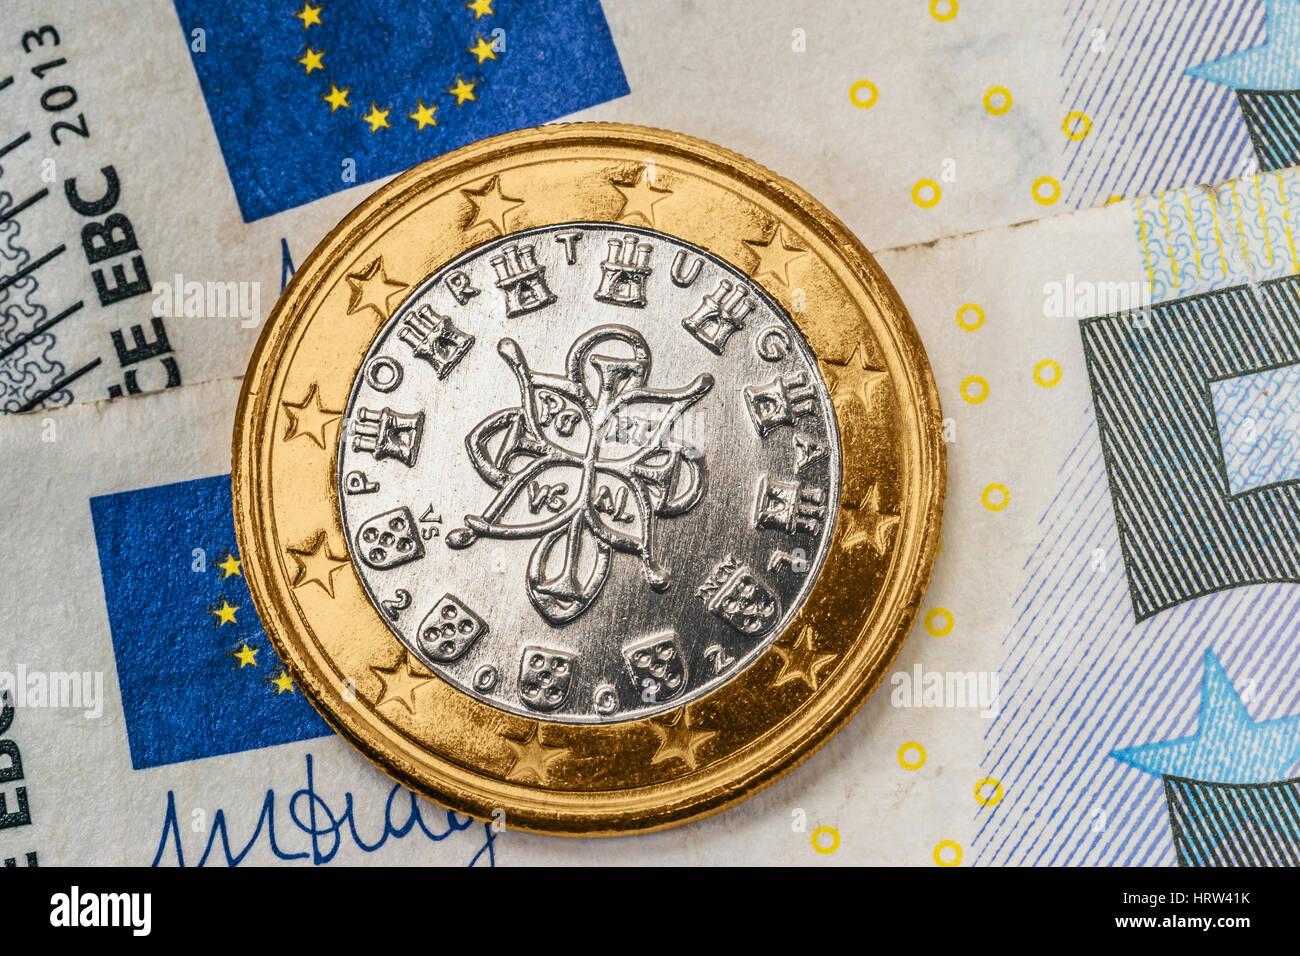 Eine 1 Euro Münze Aus Portugal Auf Euro Banknoten Stockfoto Bild